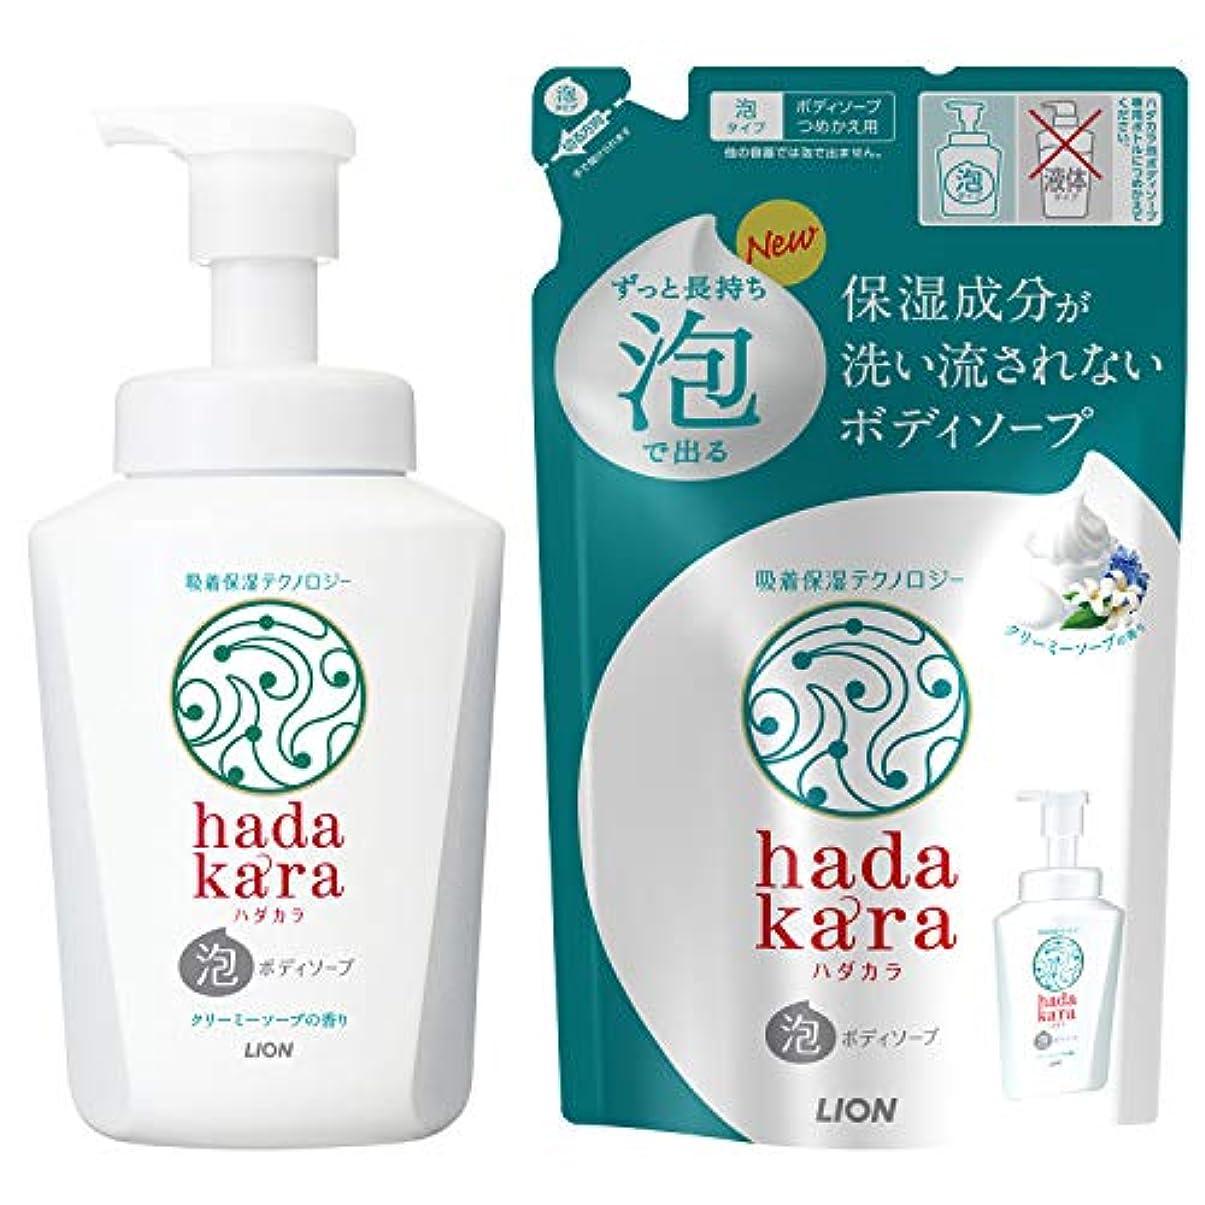 東部補正答えhadakara(ハダカラ) ボディソープ 泡タイプ クリーミーソープの香り 本体550ml+詰替440ml